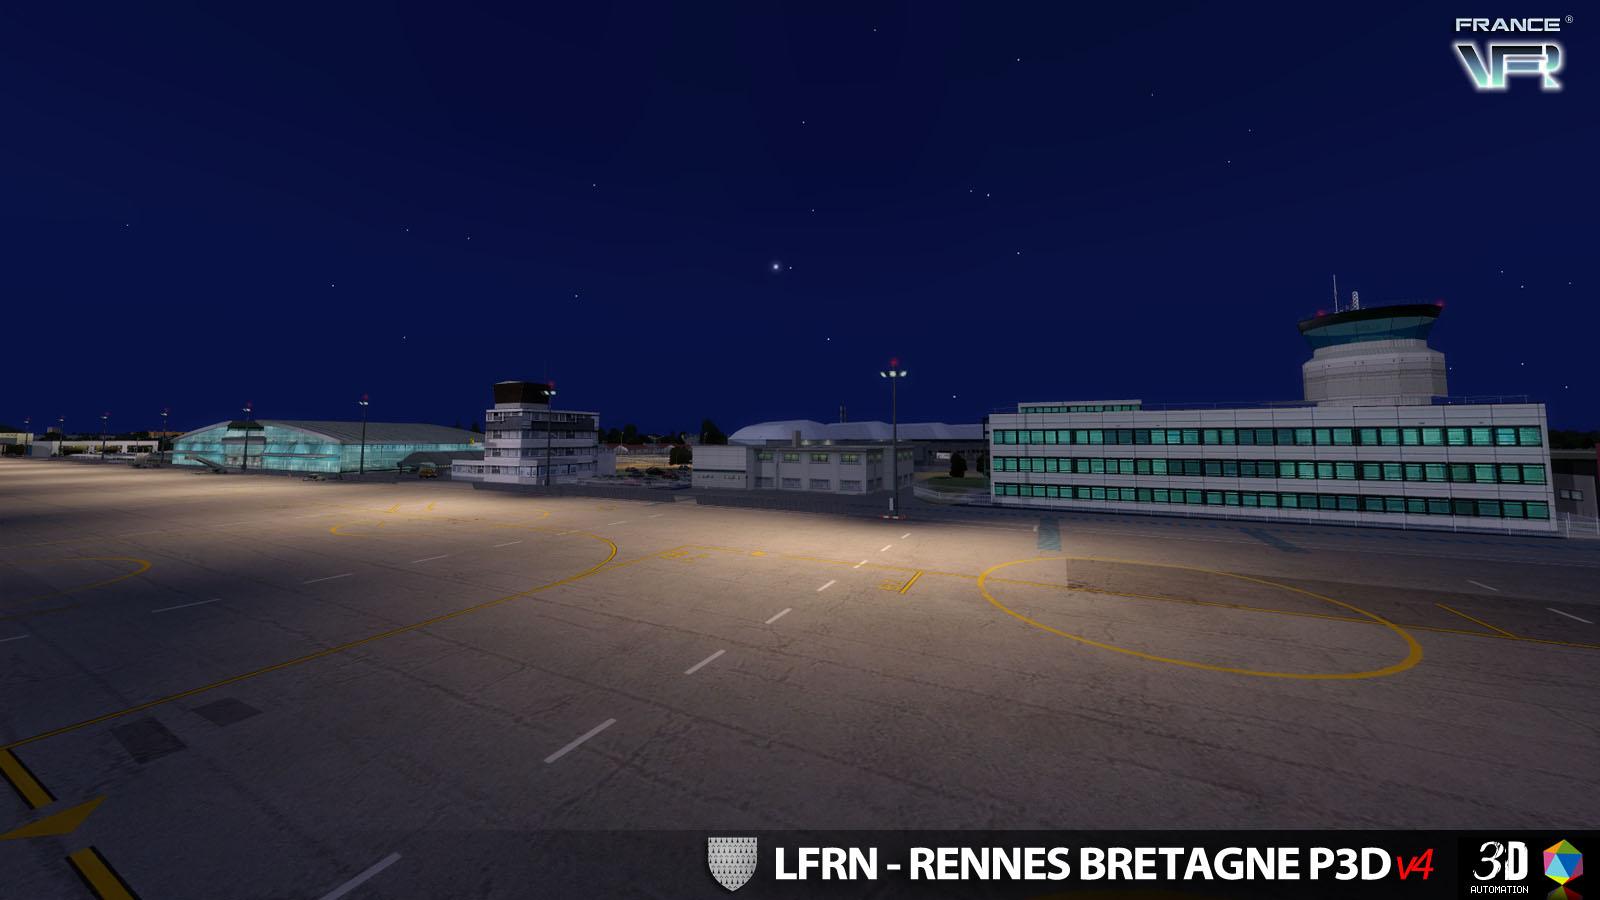 LFRNP3D_21